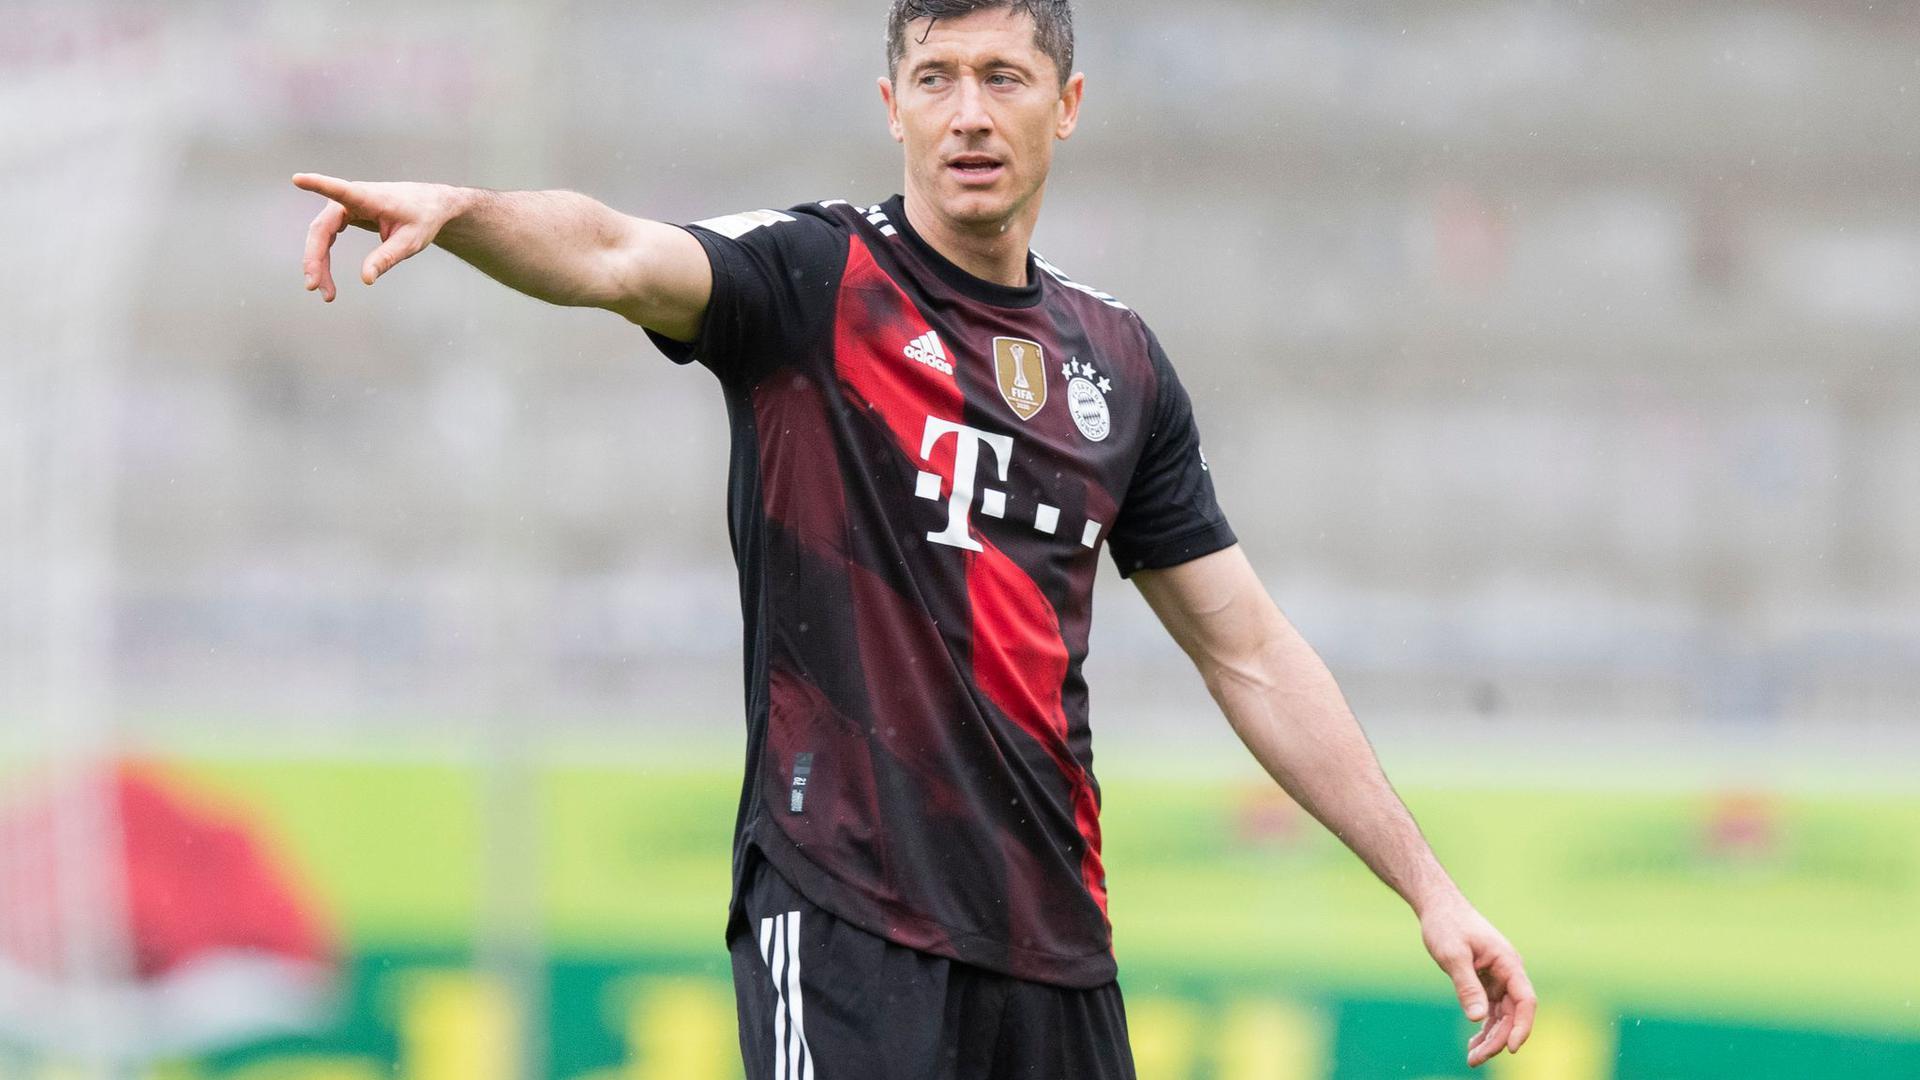 Möchte zum alleinigen Bundesliga-Torrekordhalter werden: Bayerns Star-Stürmer Robert Lewandowski.